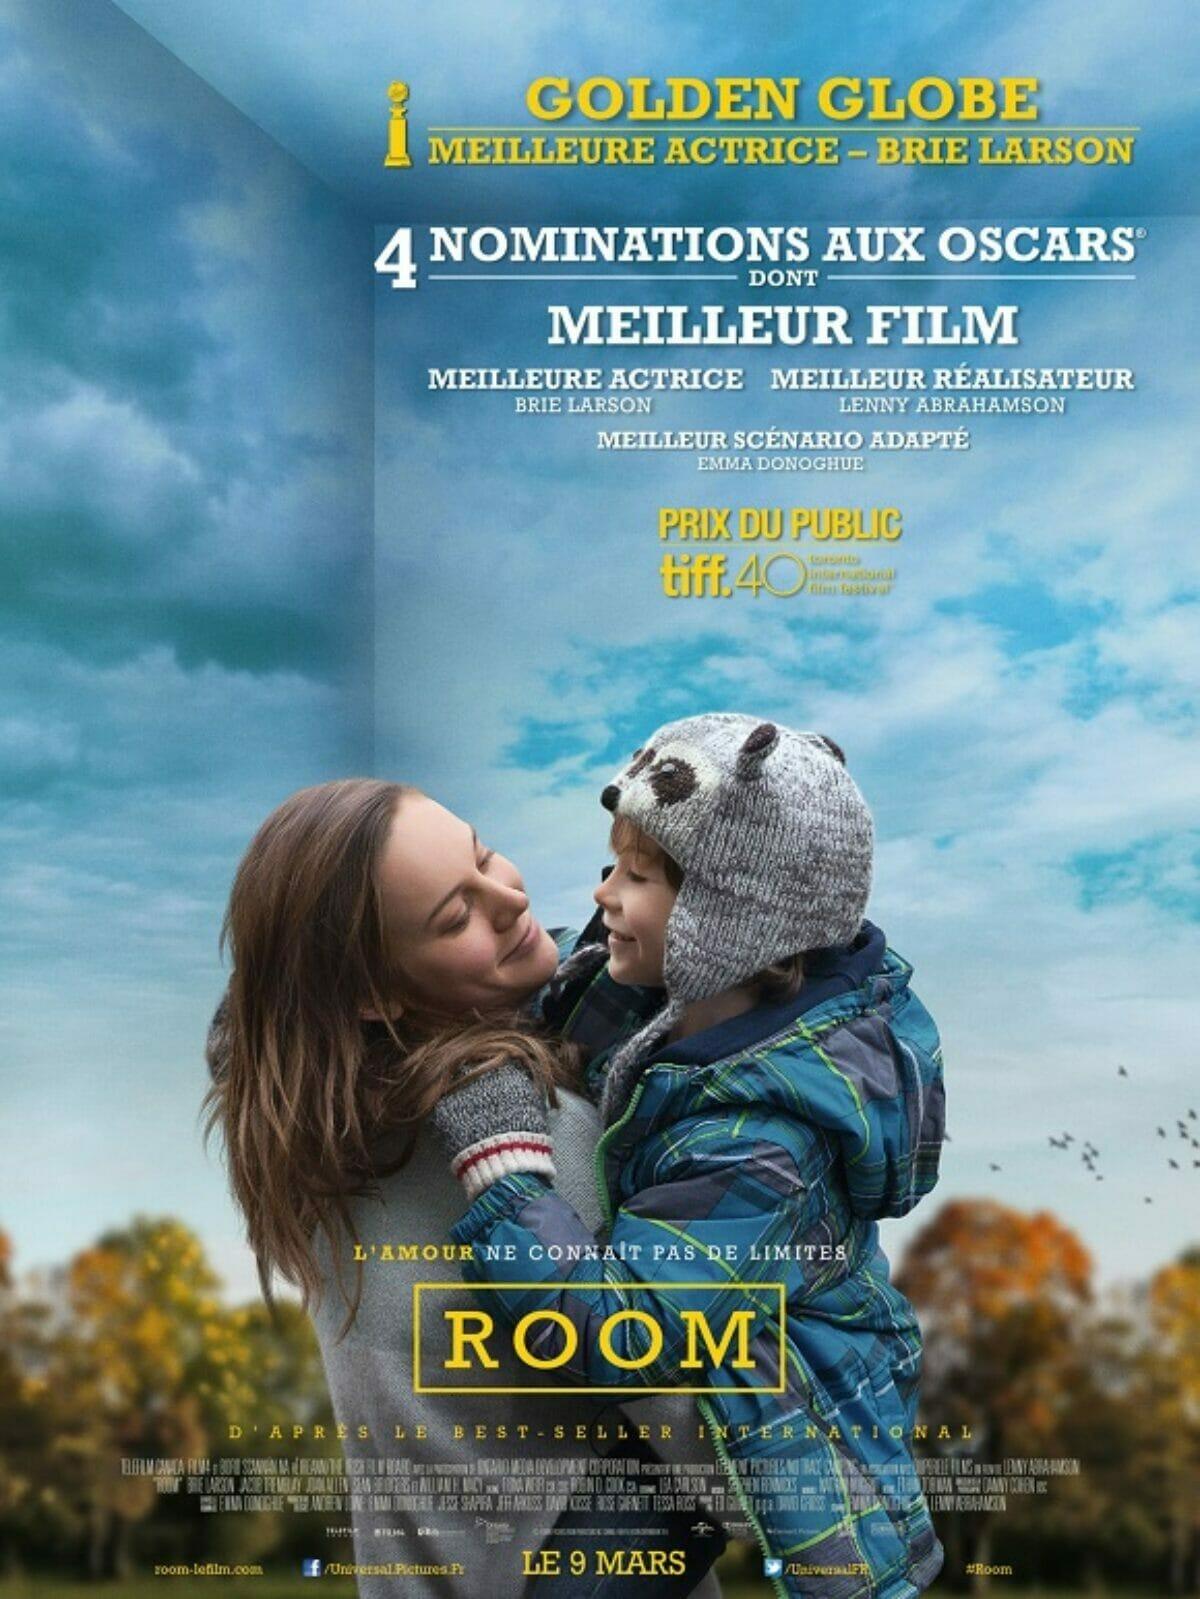 room-film-2016-affiche-france